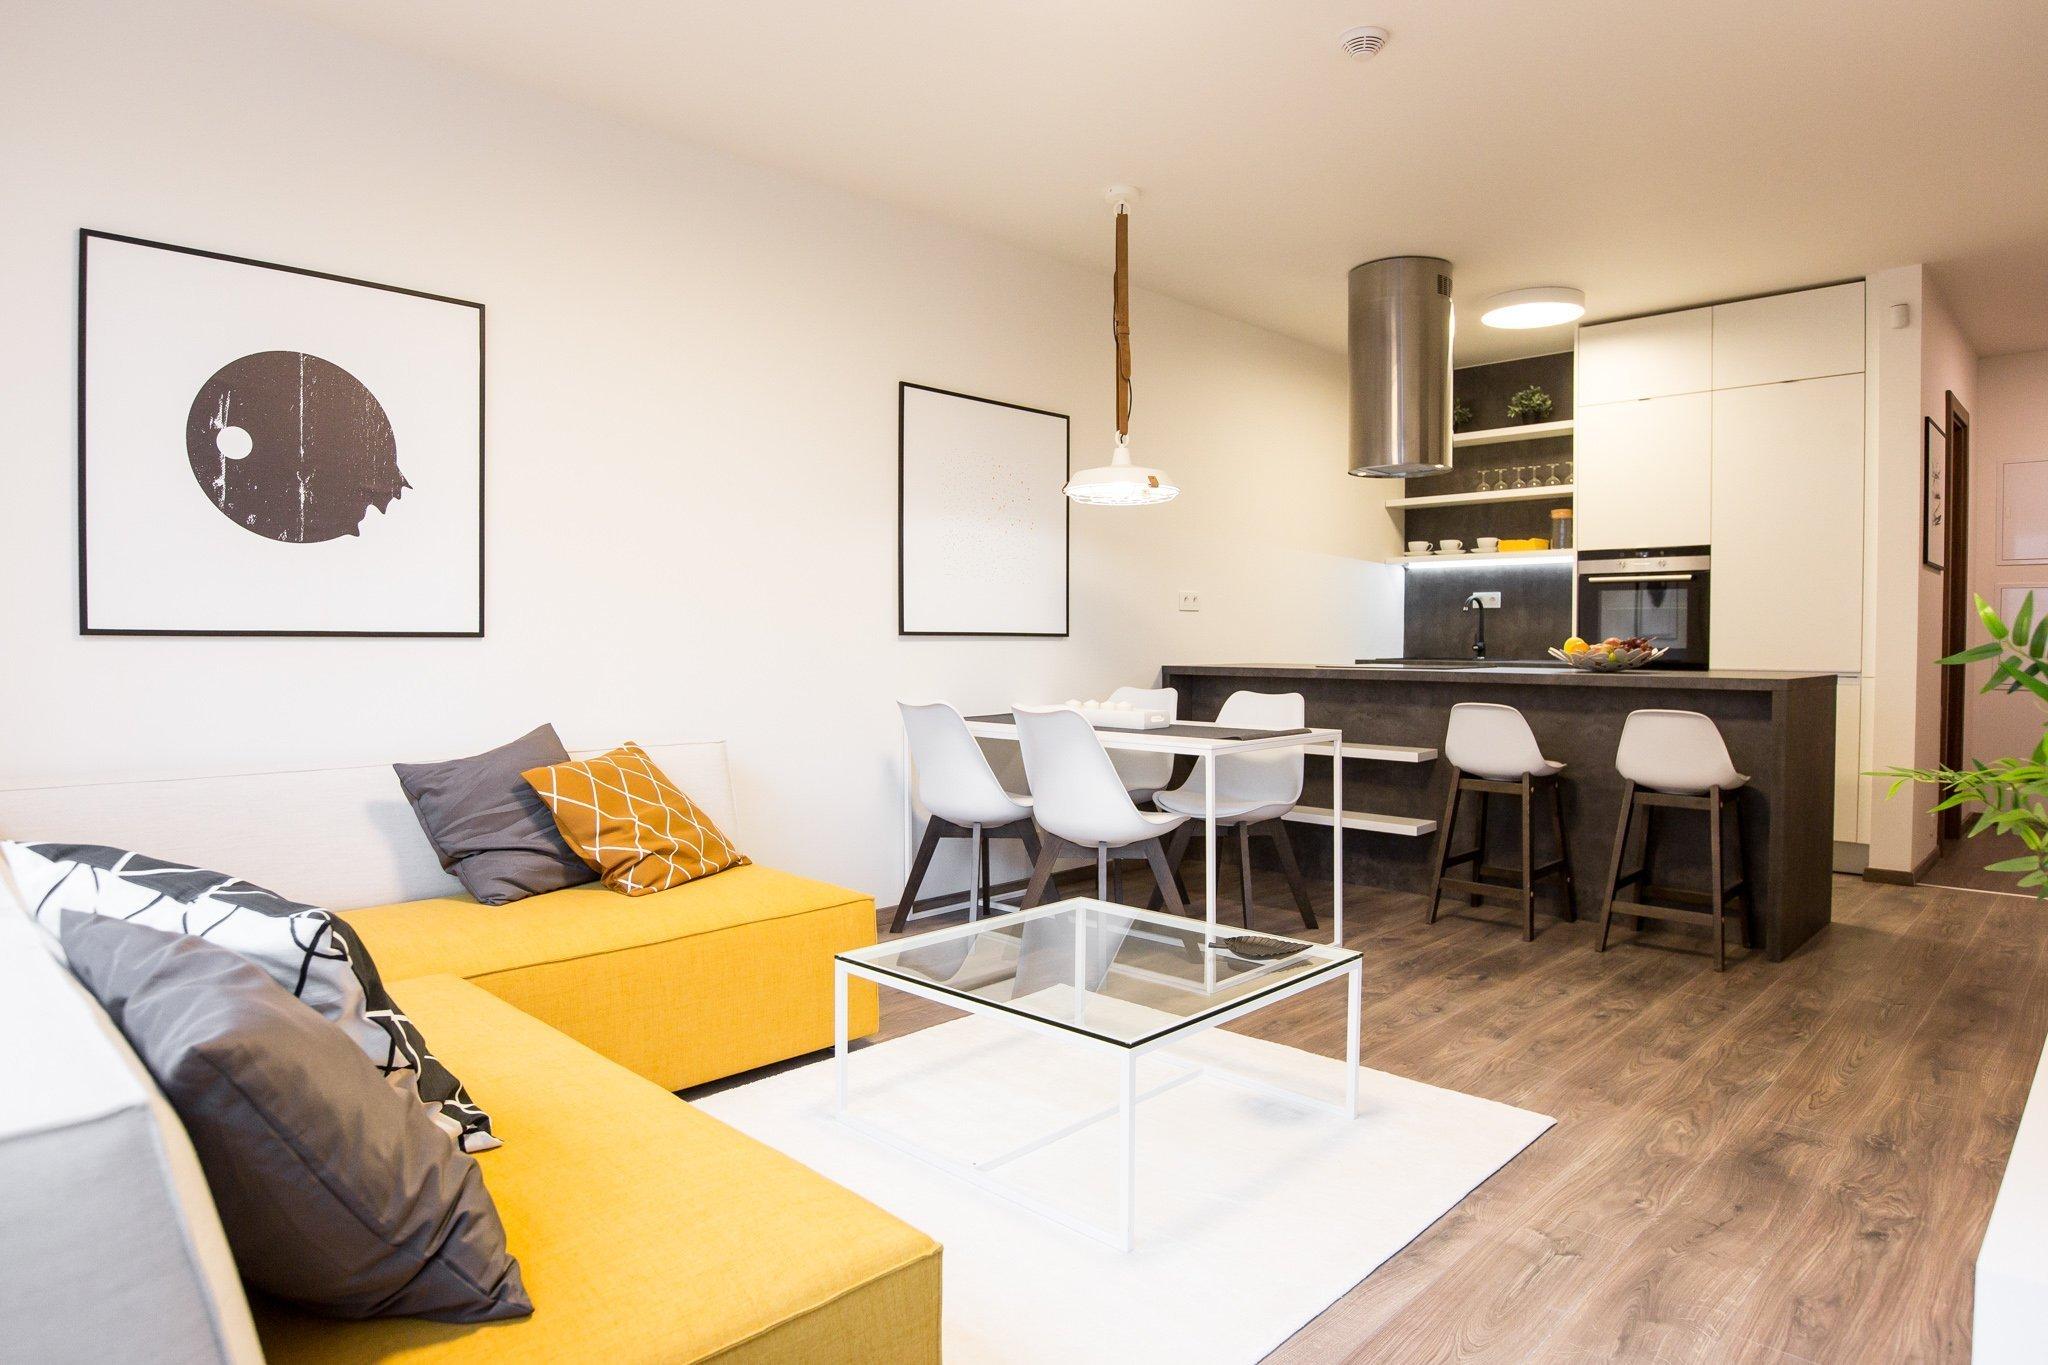 Realizácia 2-izbového bytu v projekte Malé Krasňany.  Overená kombinácia Bielej perleťovej a tmavého betónu.